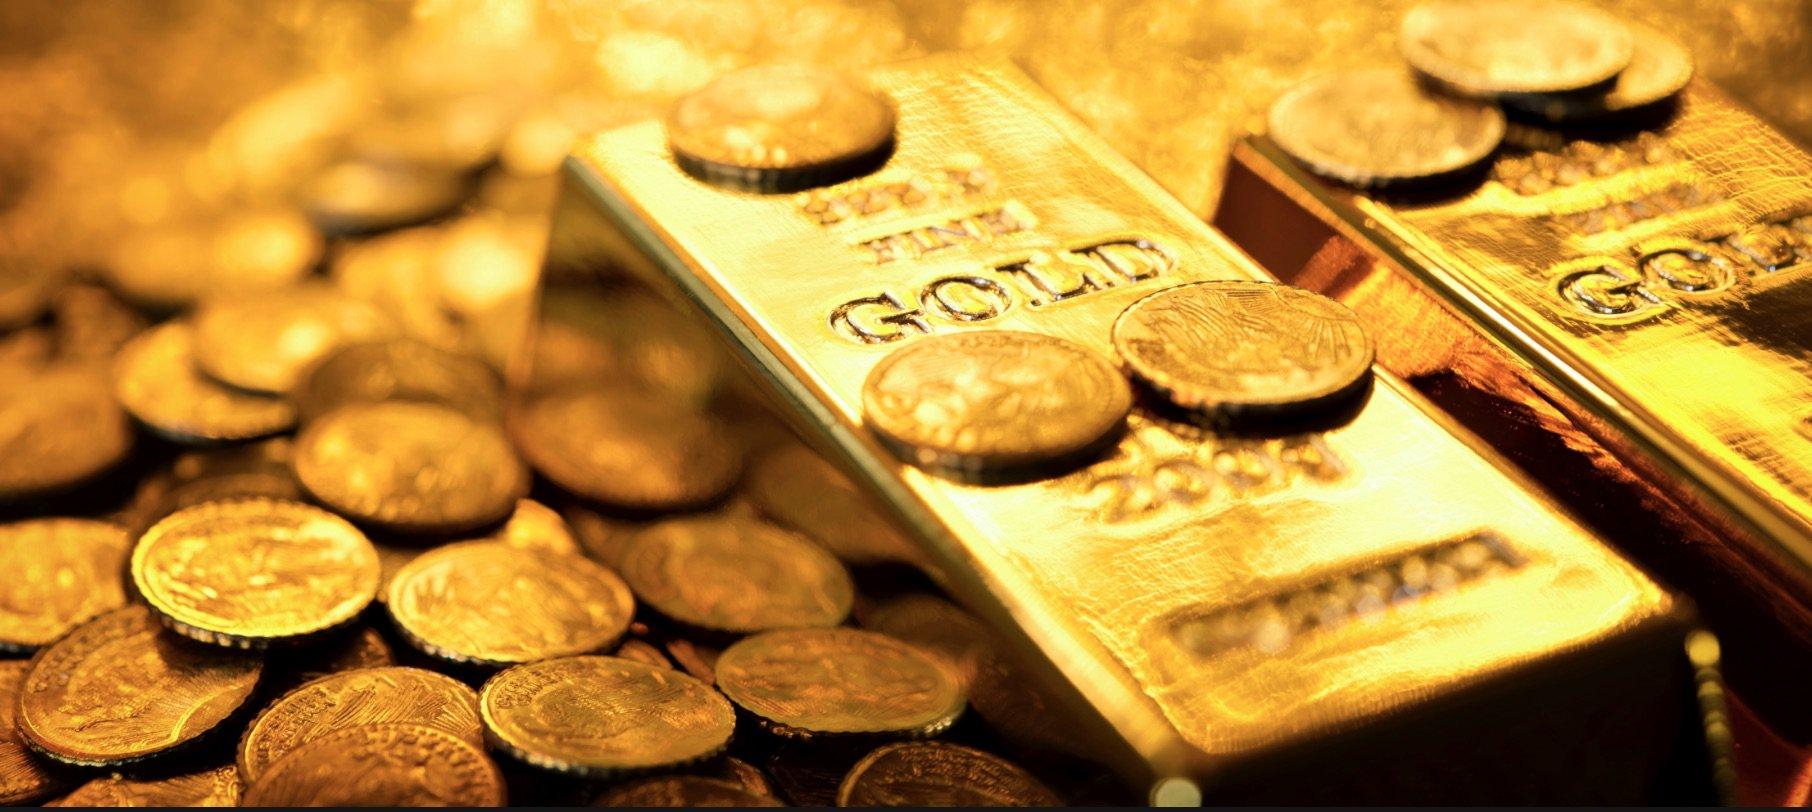 Irán lanza criptomoneda respalda en oro para eludir sanciones de Estados Unidos